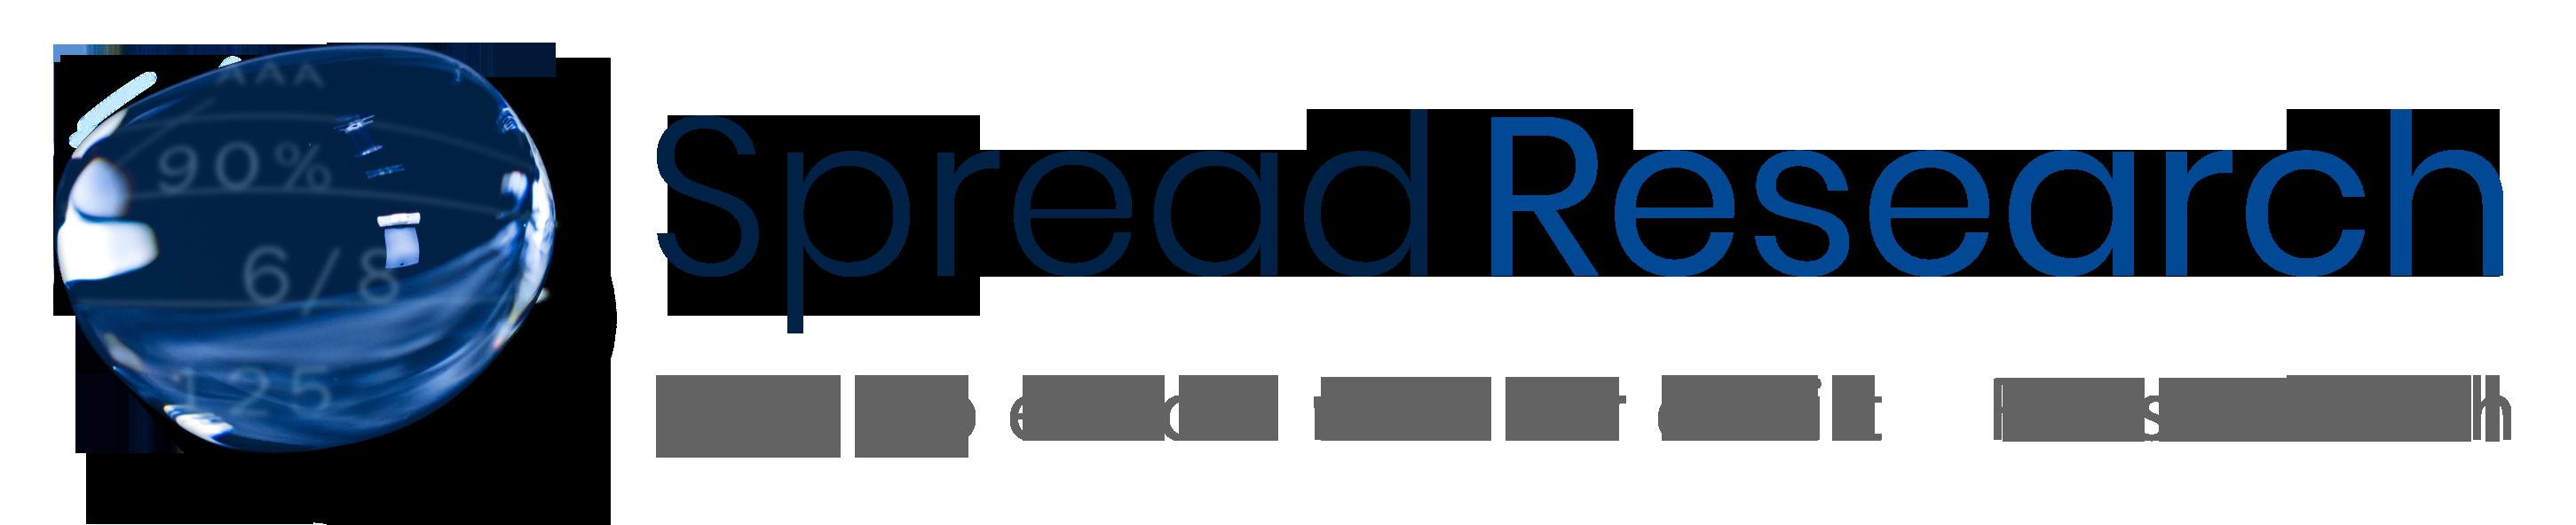 logo spread research